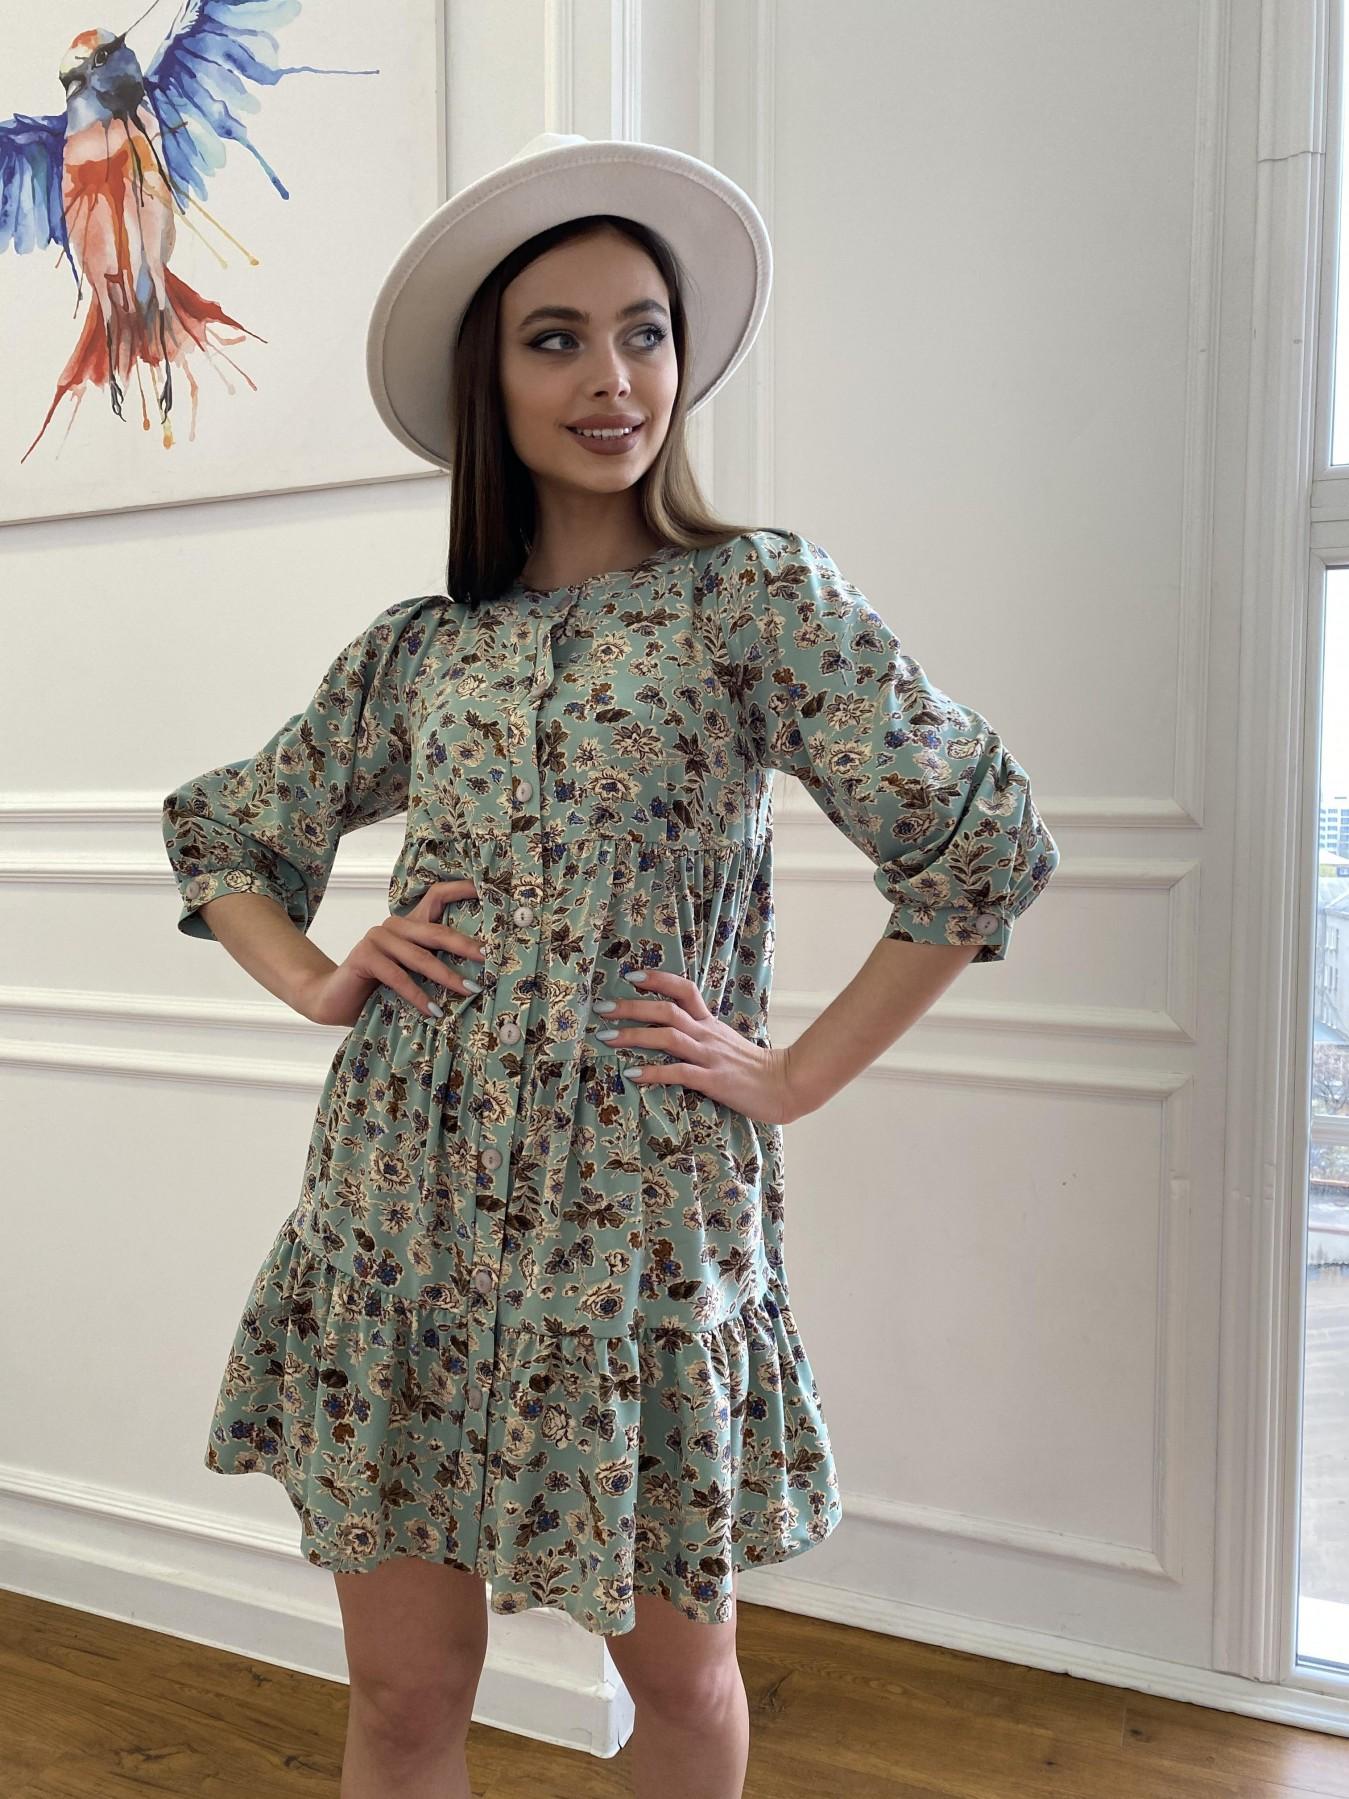 Берри платье из ткани софт в принт 11211 АРТ. 47722 Цвет: Олива/бежевый, Цветы - фото 2, интернет магазин tm-modus.ru